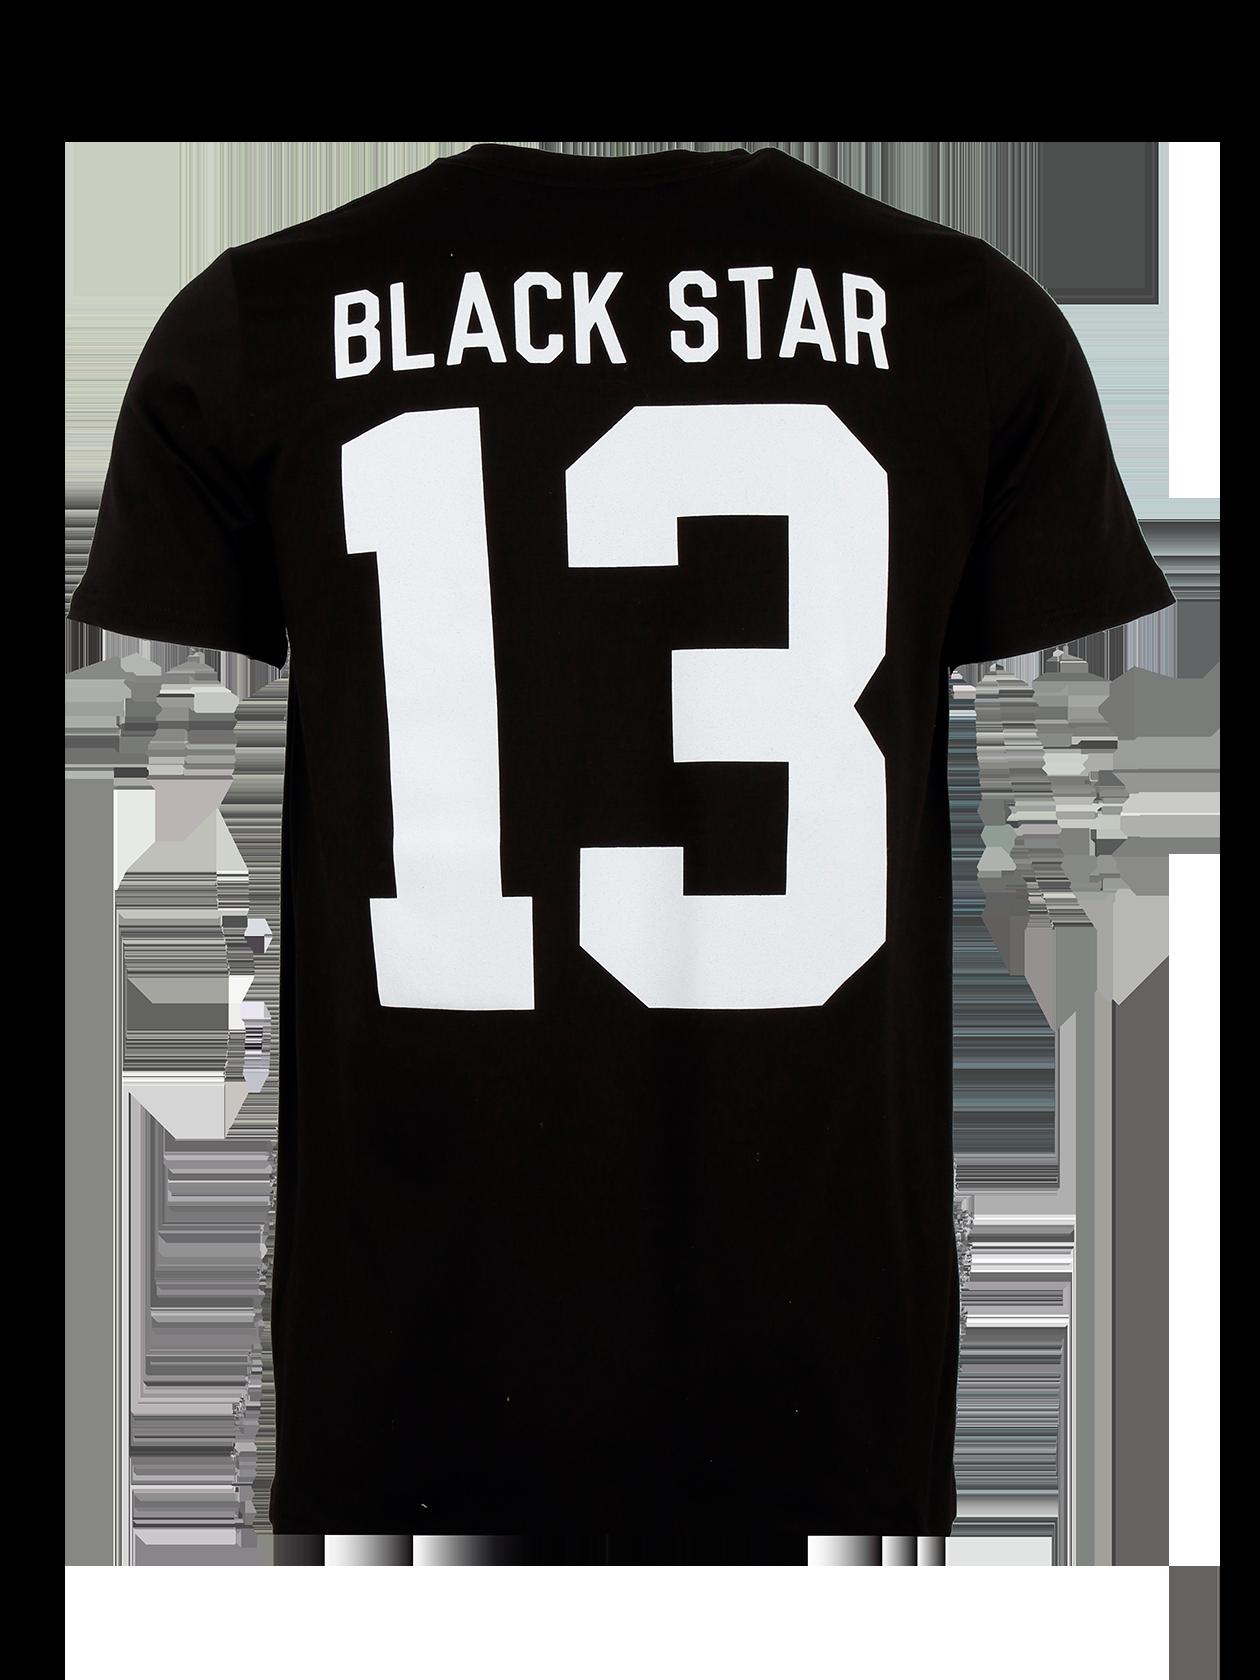 Футболка мужская BLACK STAR 13 Black Star Wear